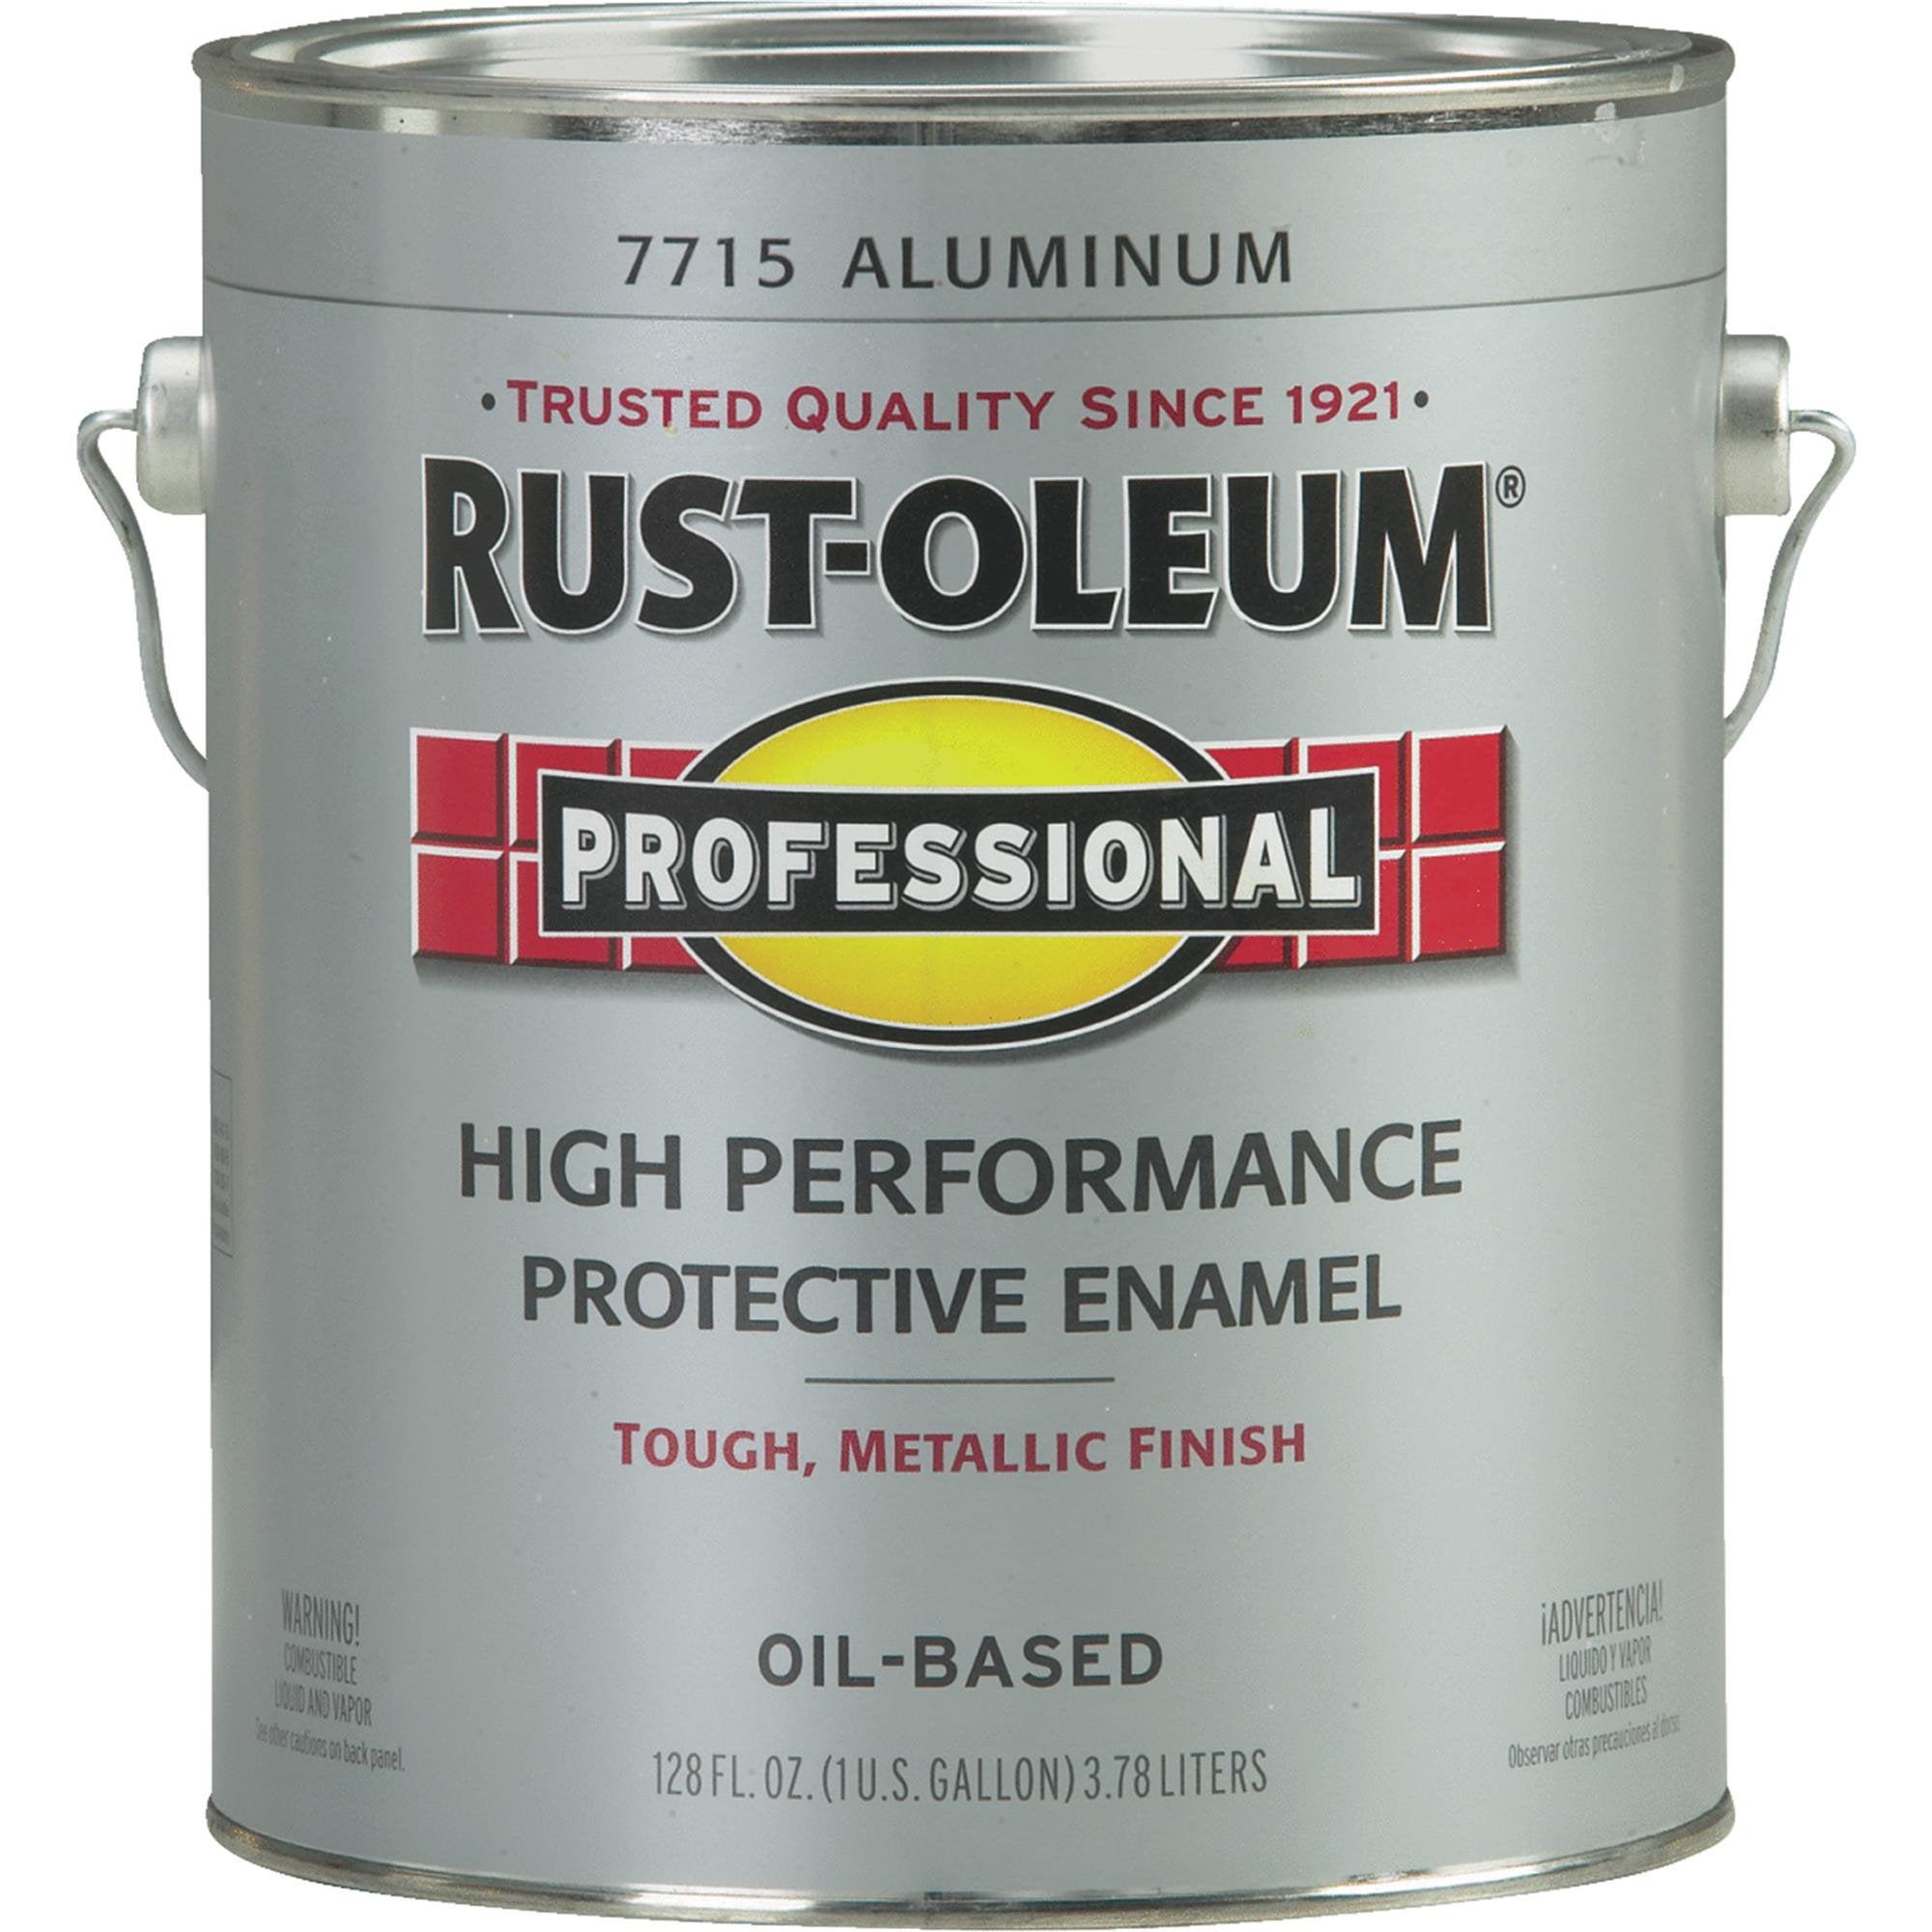 Rust-Oleum Stops Rust Protective Rust Control Enamel by Rustoleum